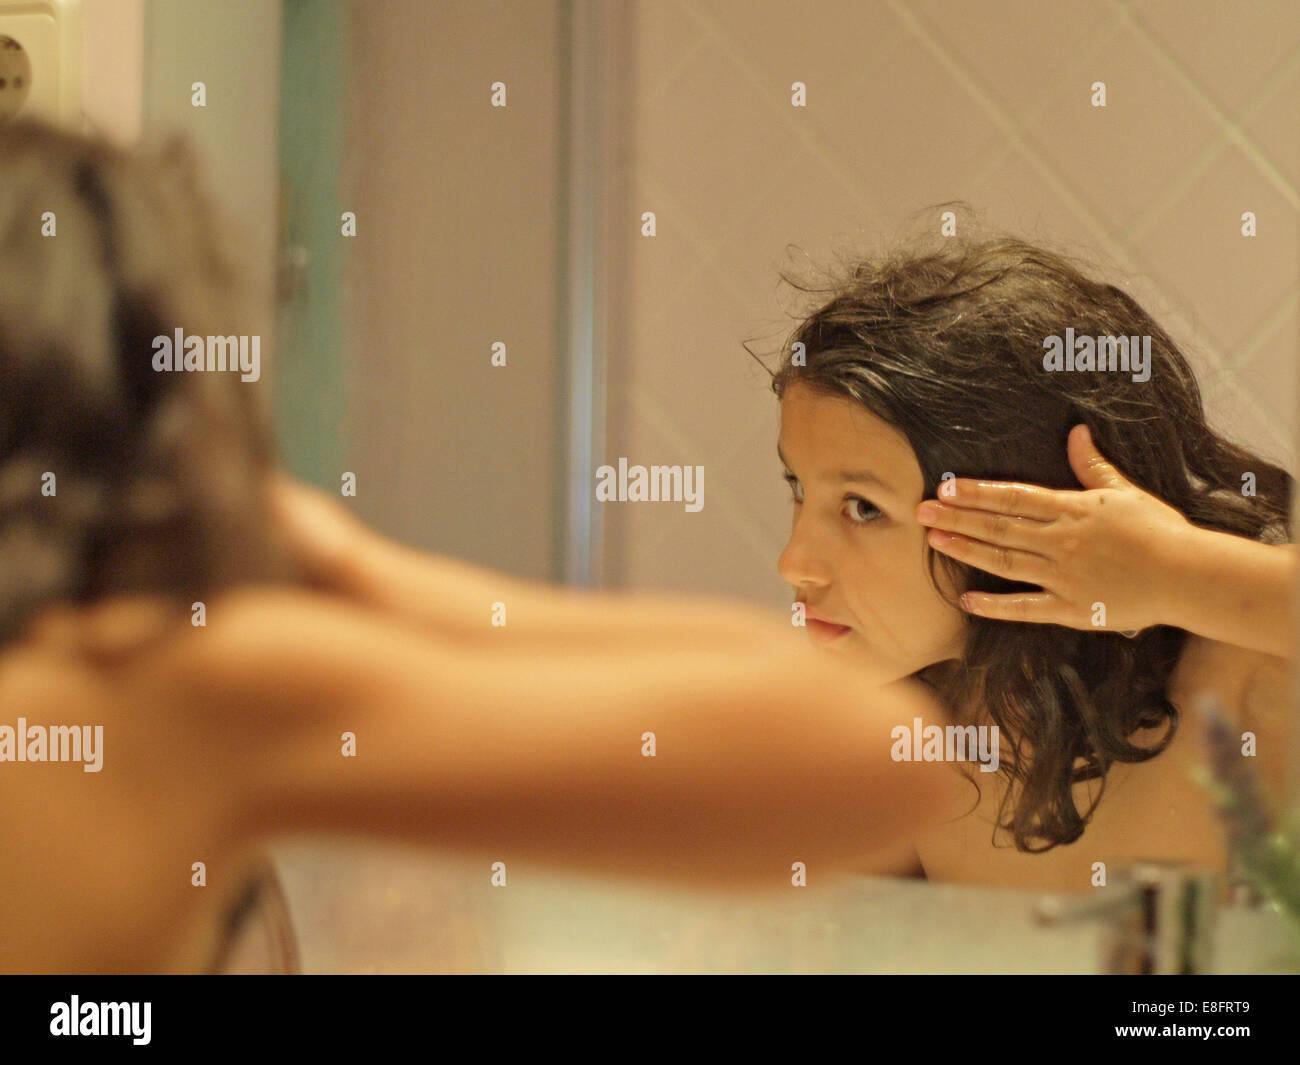 Mädchen mit nassen Haaren Reflexion im Spiegel zu betrachten Stockbild